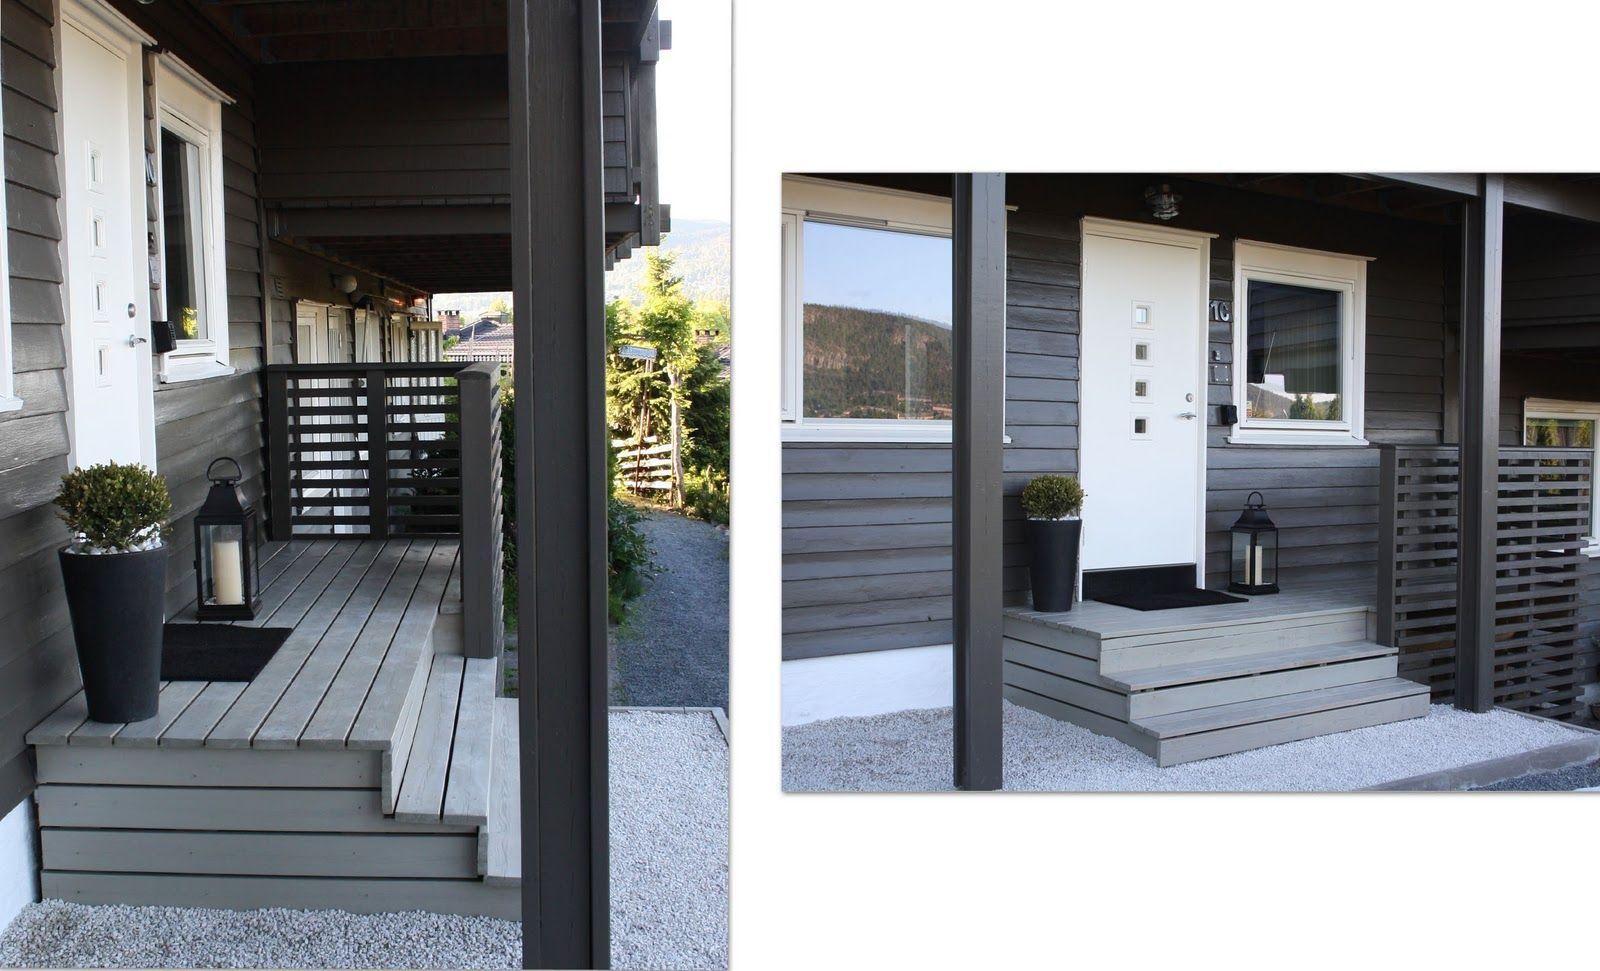 Mitt kreative gen: Før og etter inngangsparti. Terrassebeis shimmergrå